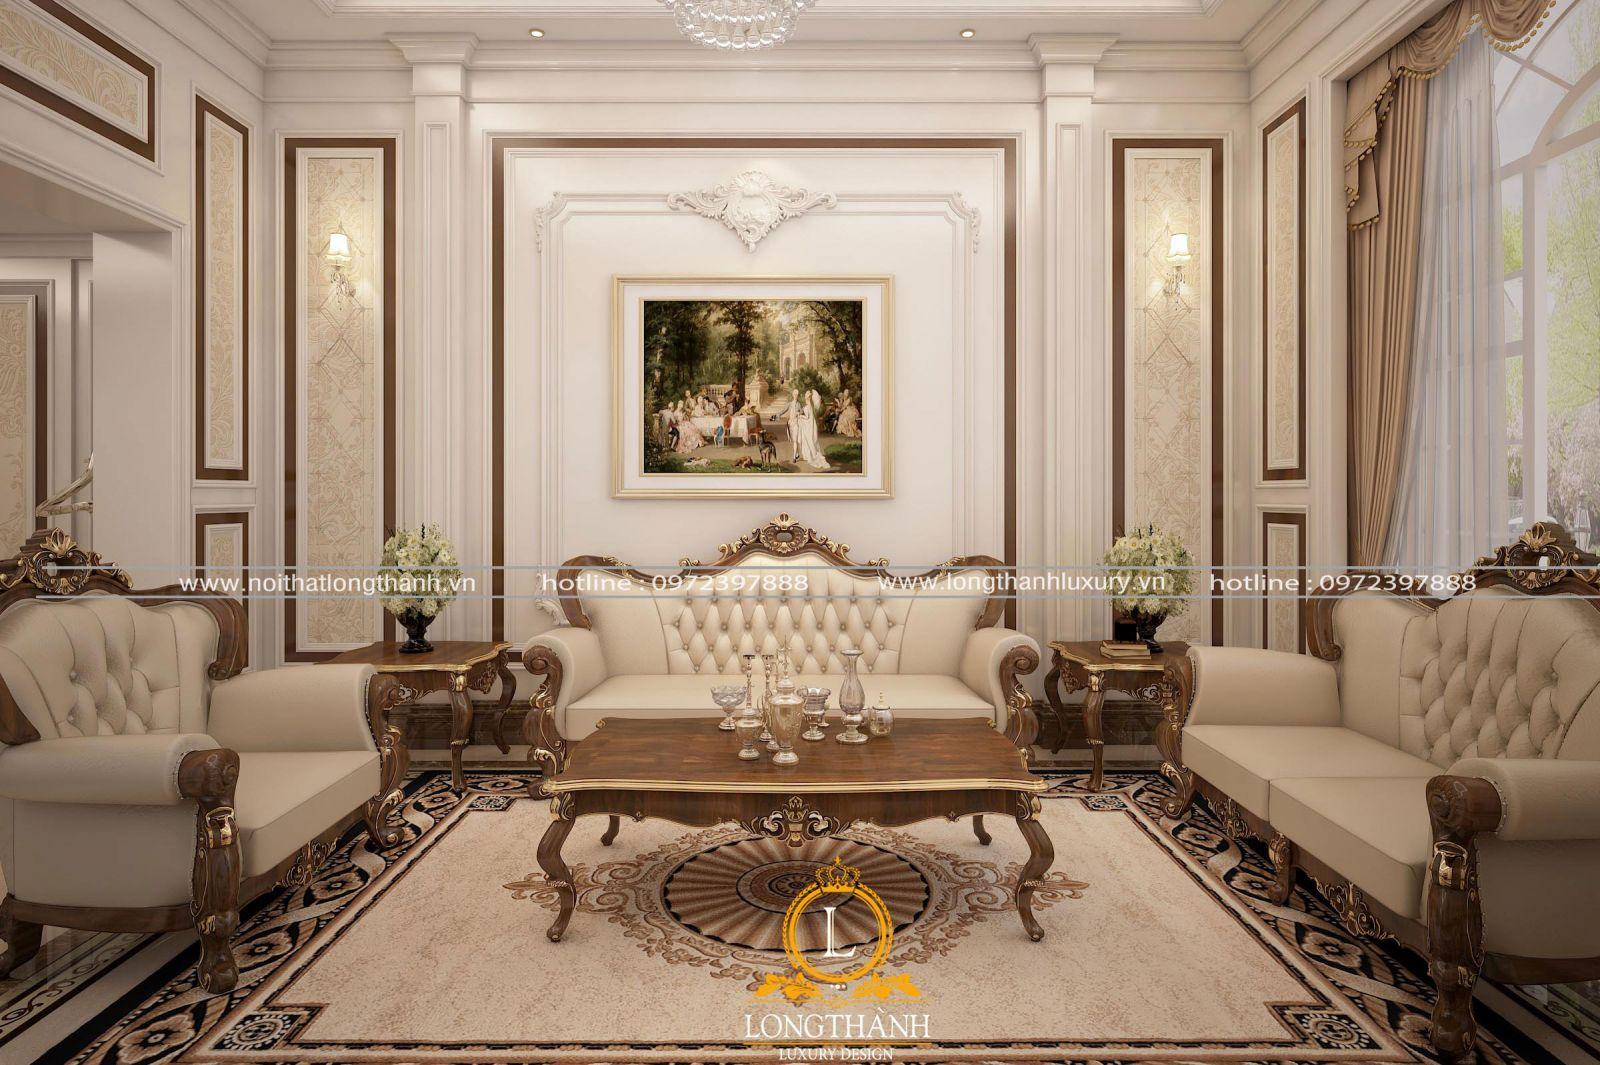 Thiết kế nội thất phòng khách biệt thự mini phong cách tân cổ điển